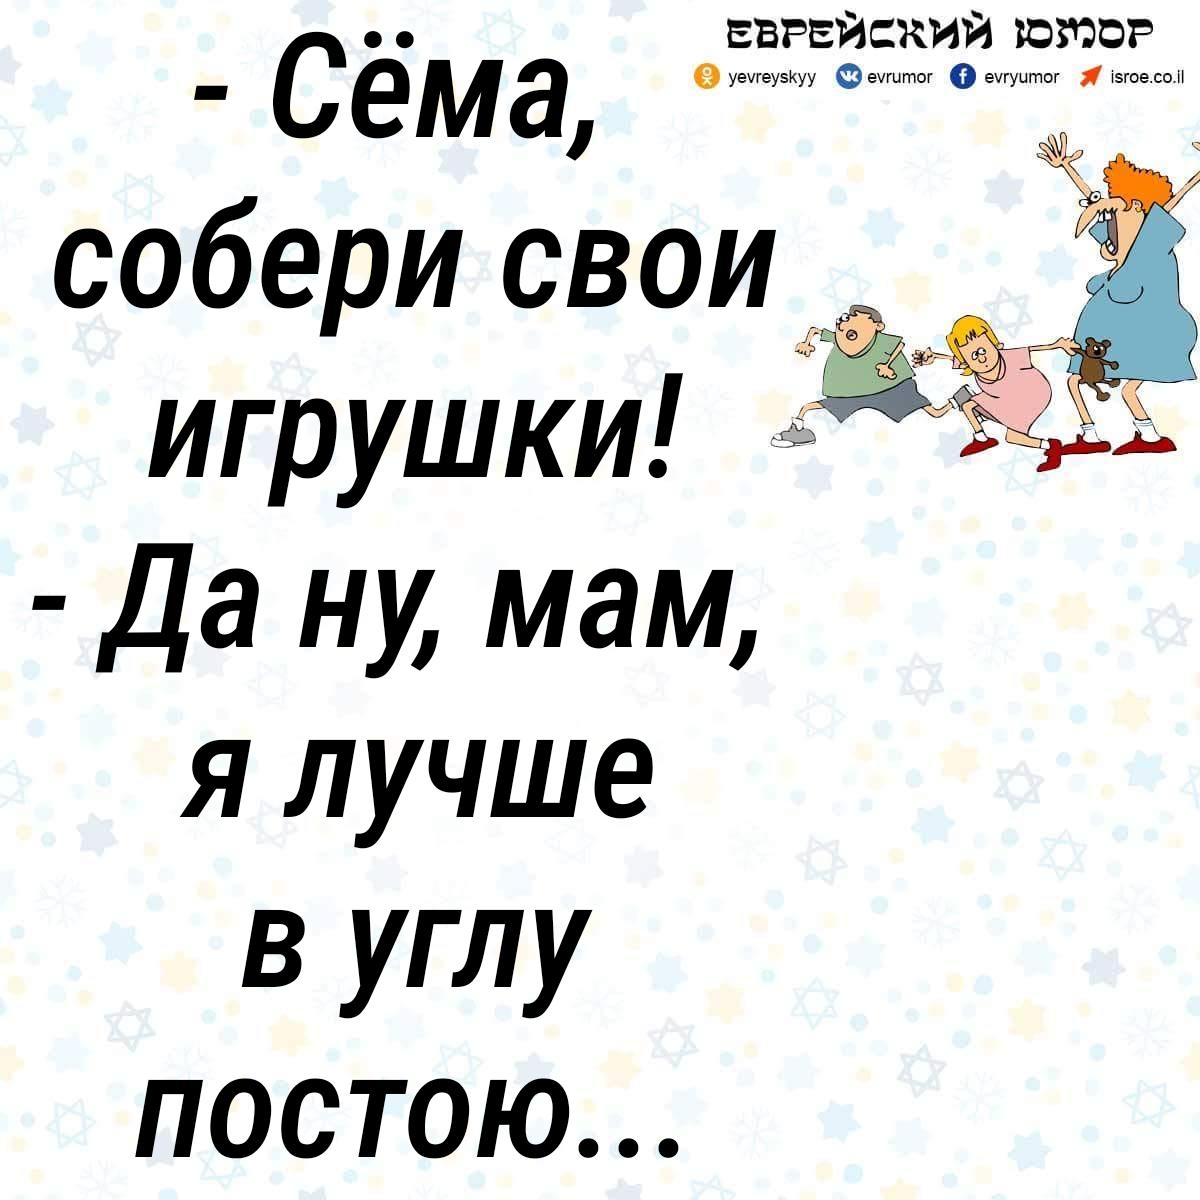 Еврейский юмор. Одесский анекдот. В углу